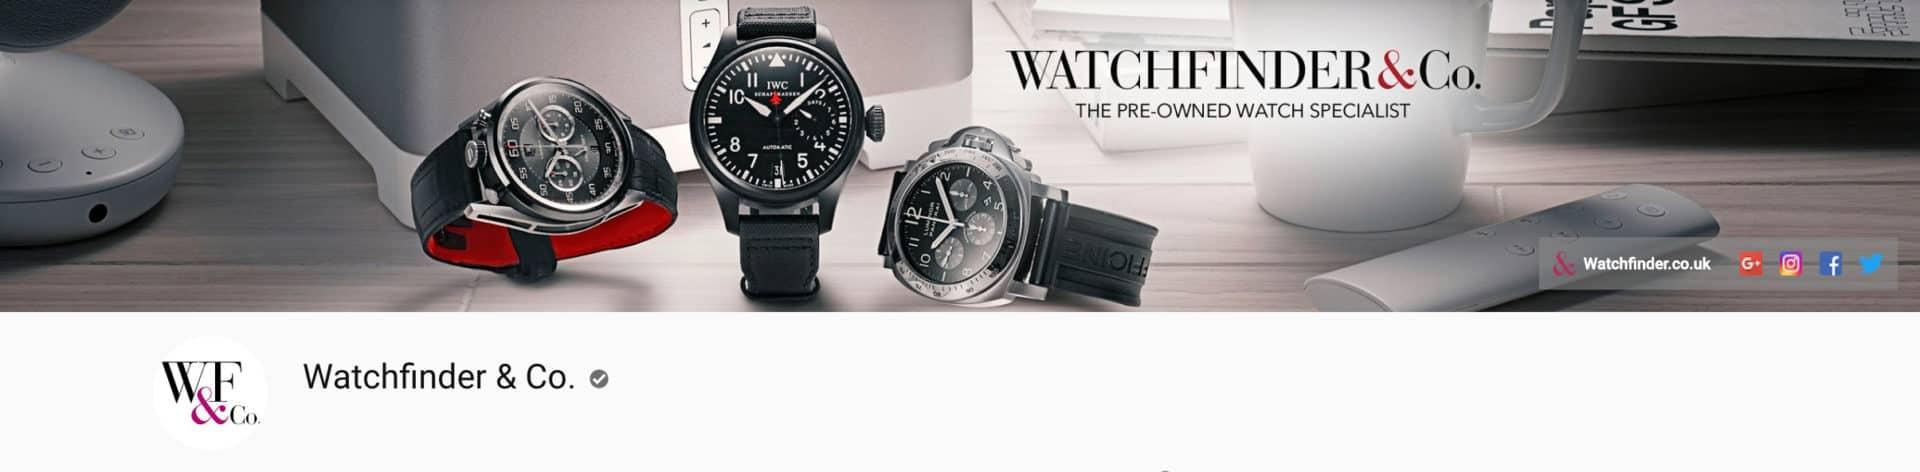 yt watchfinder